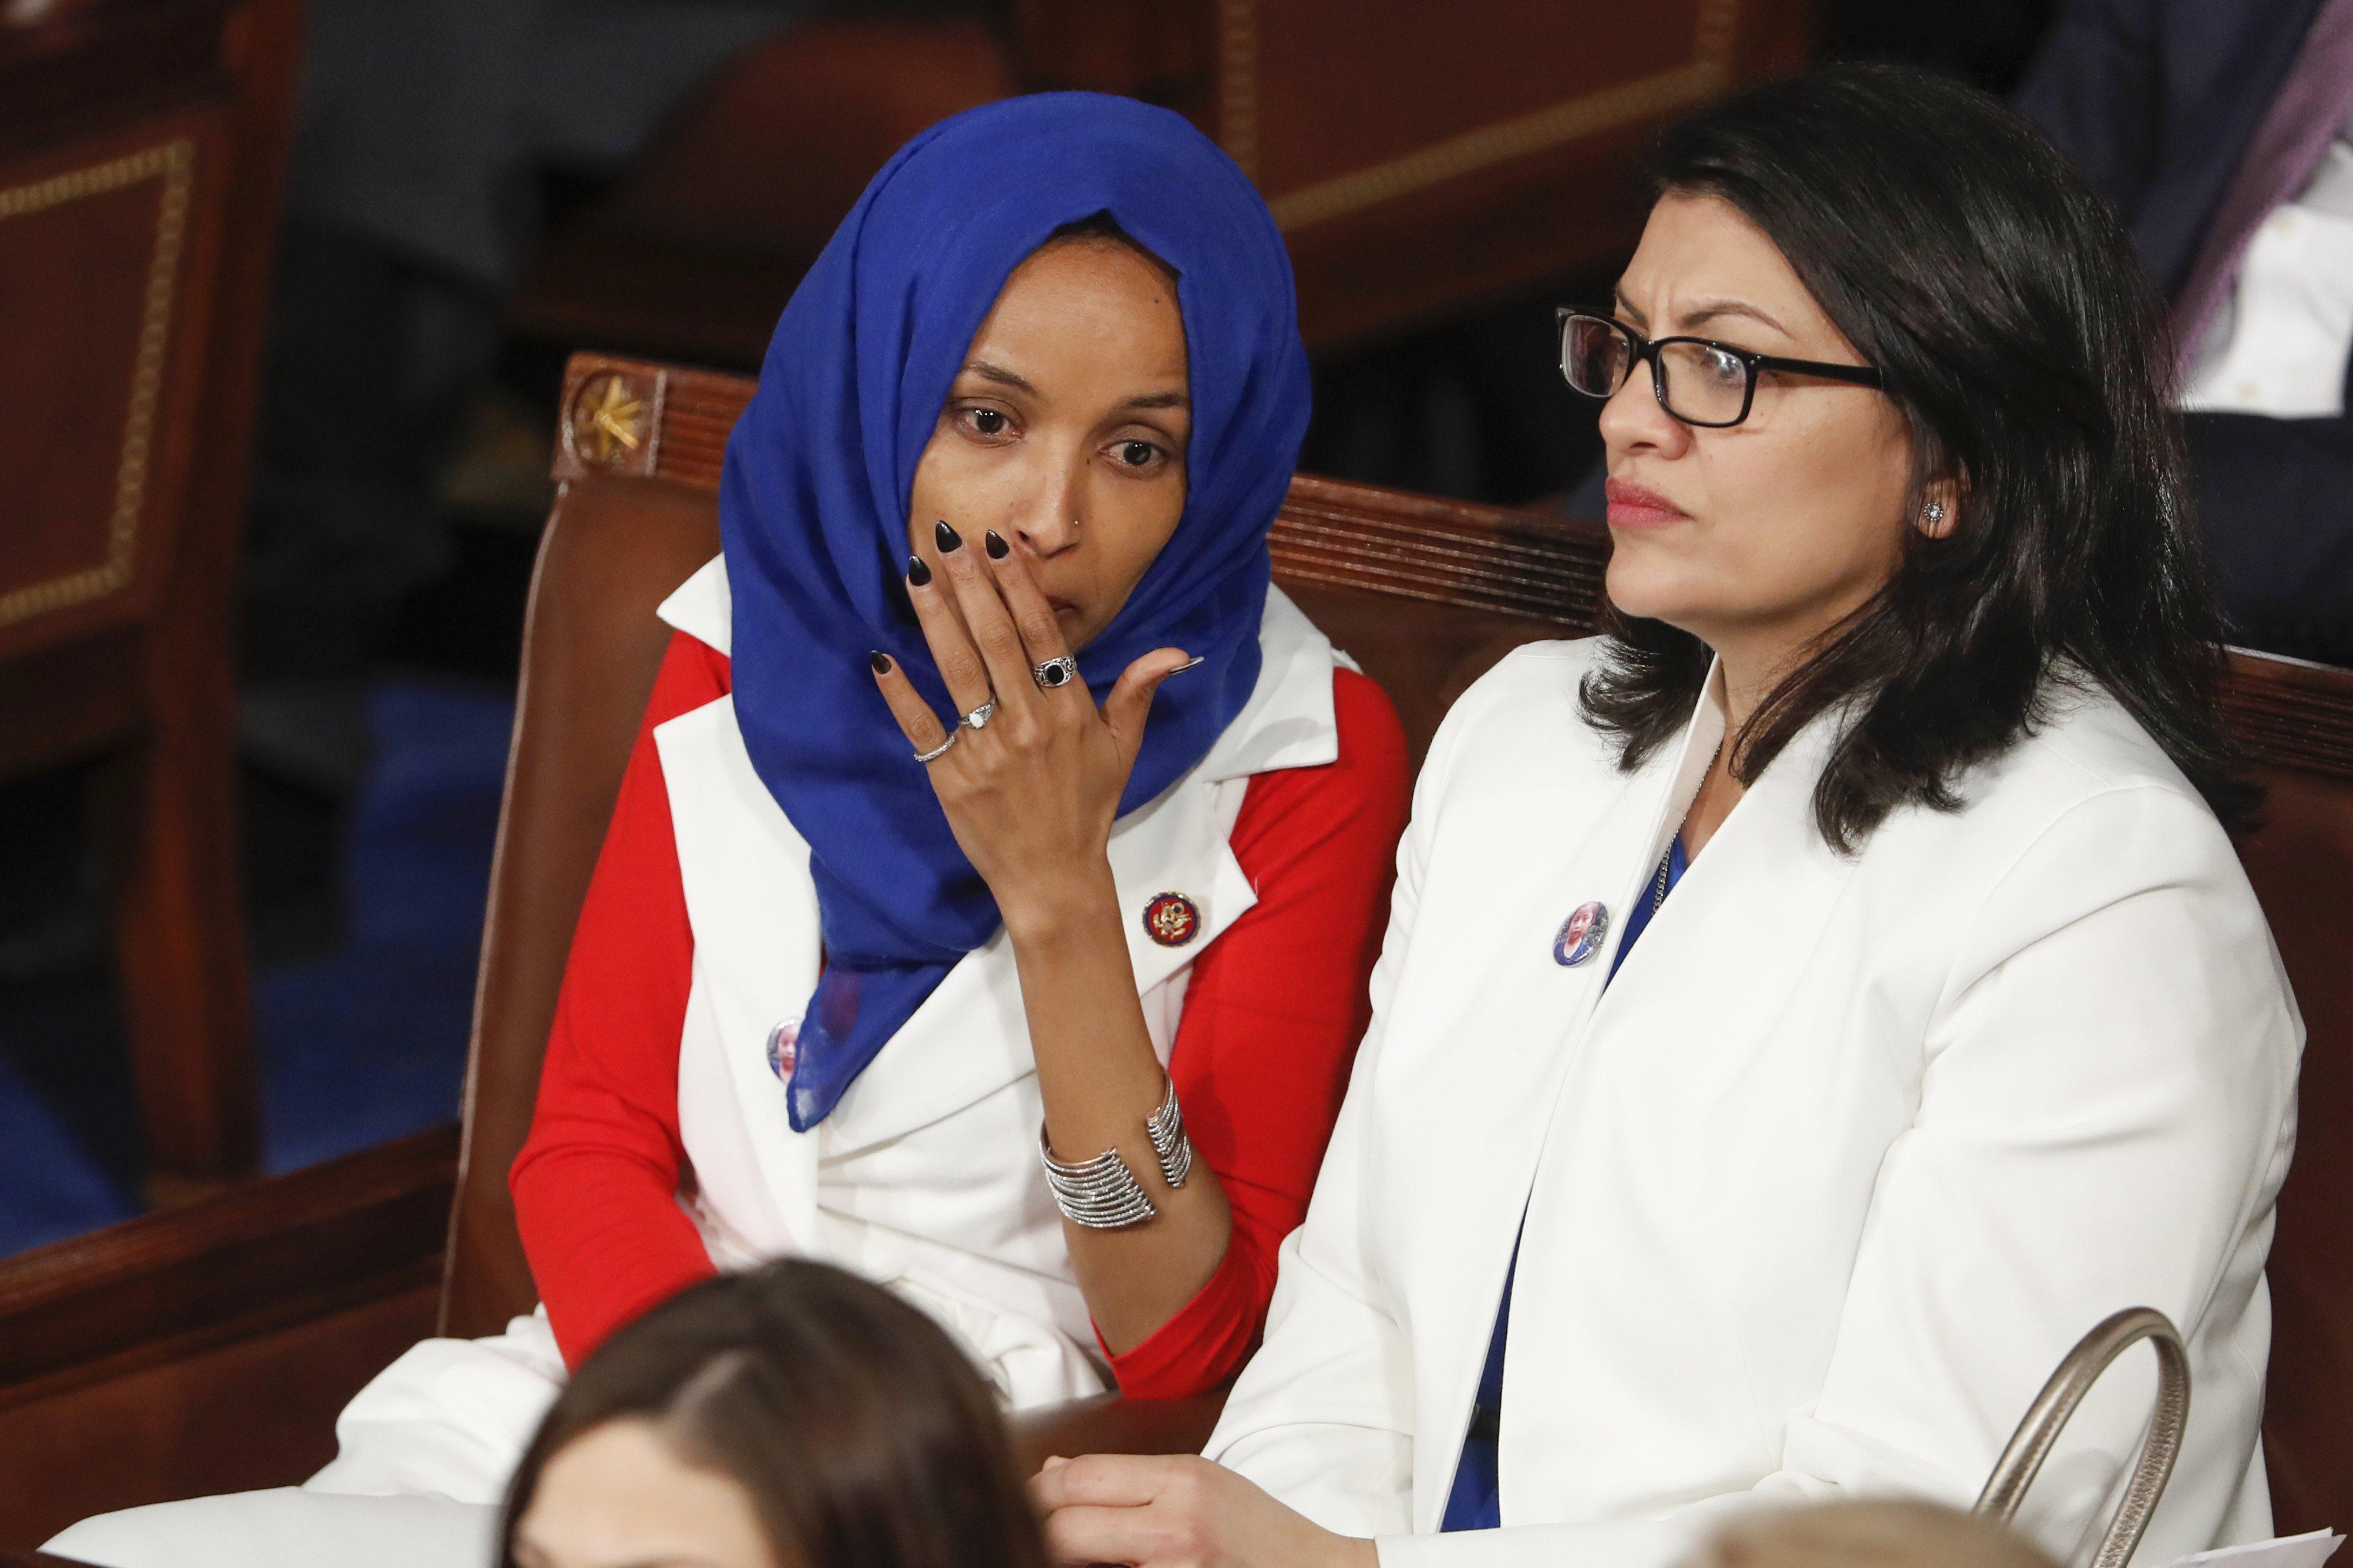 Ilhan Omar and Rashida Tlaib, U.S. Representatives